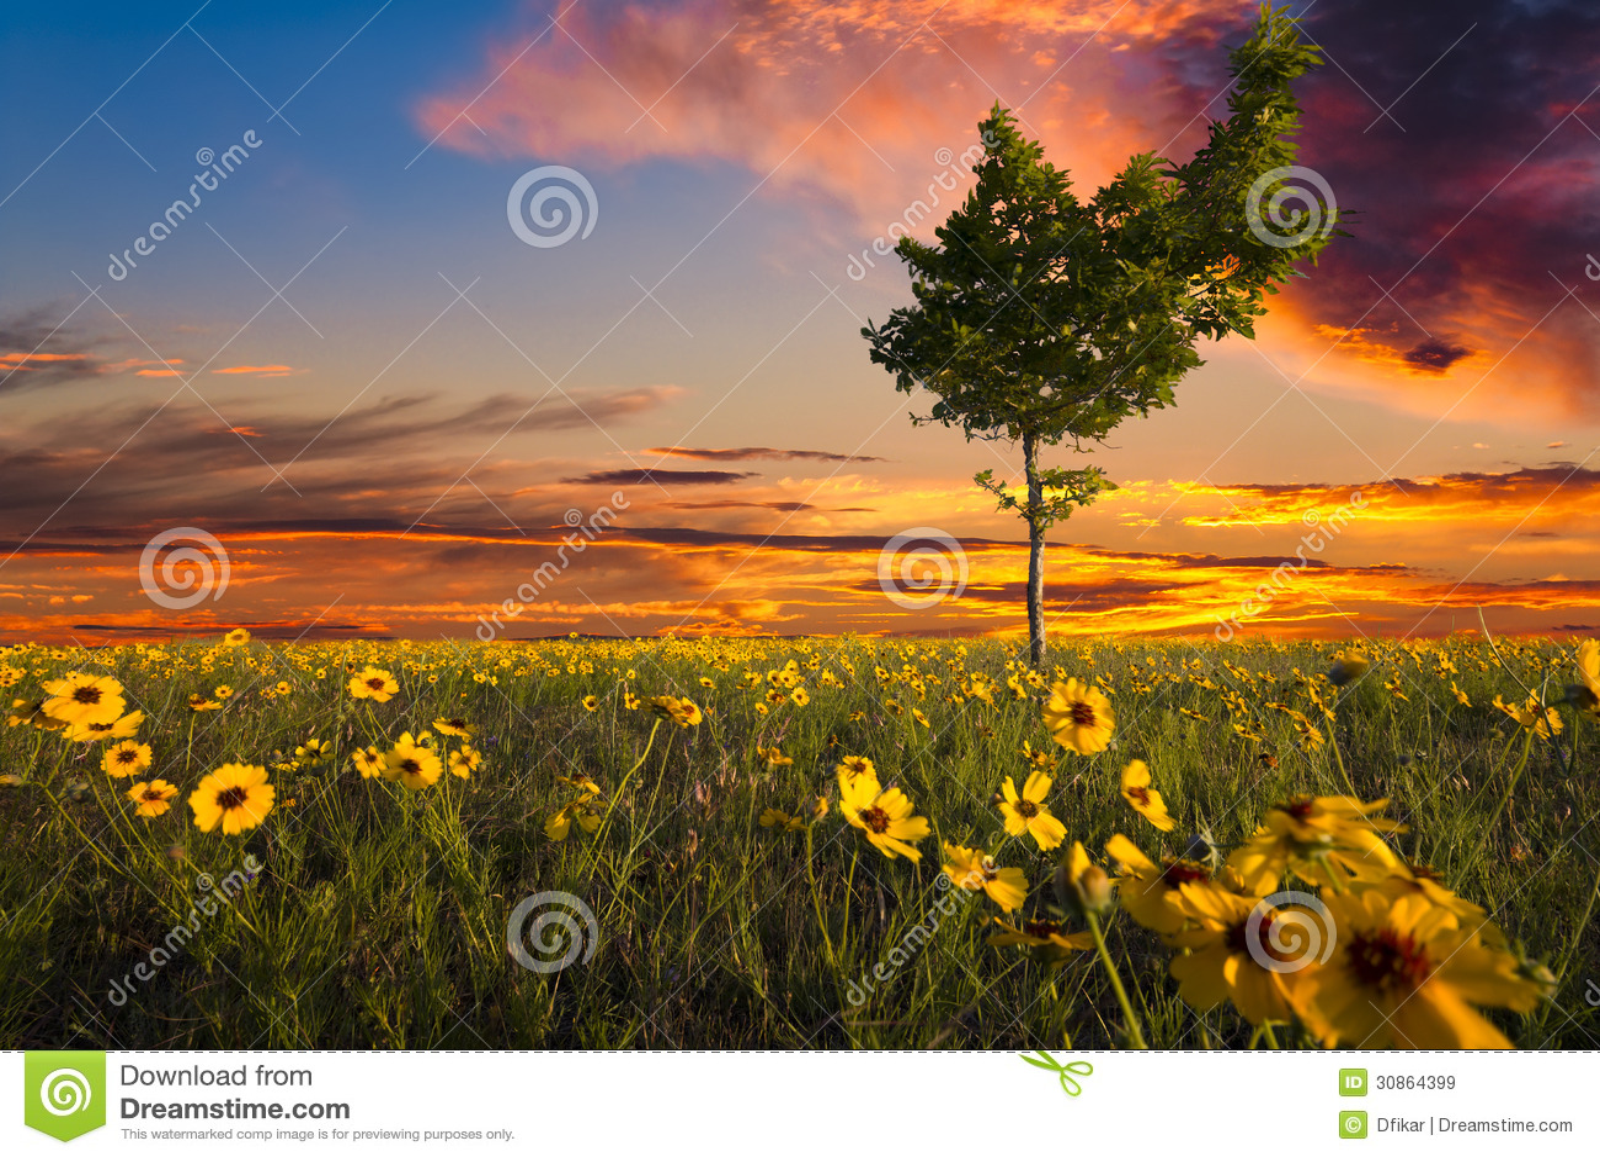 Lopsided Tree in a Sunflower Field